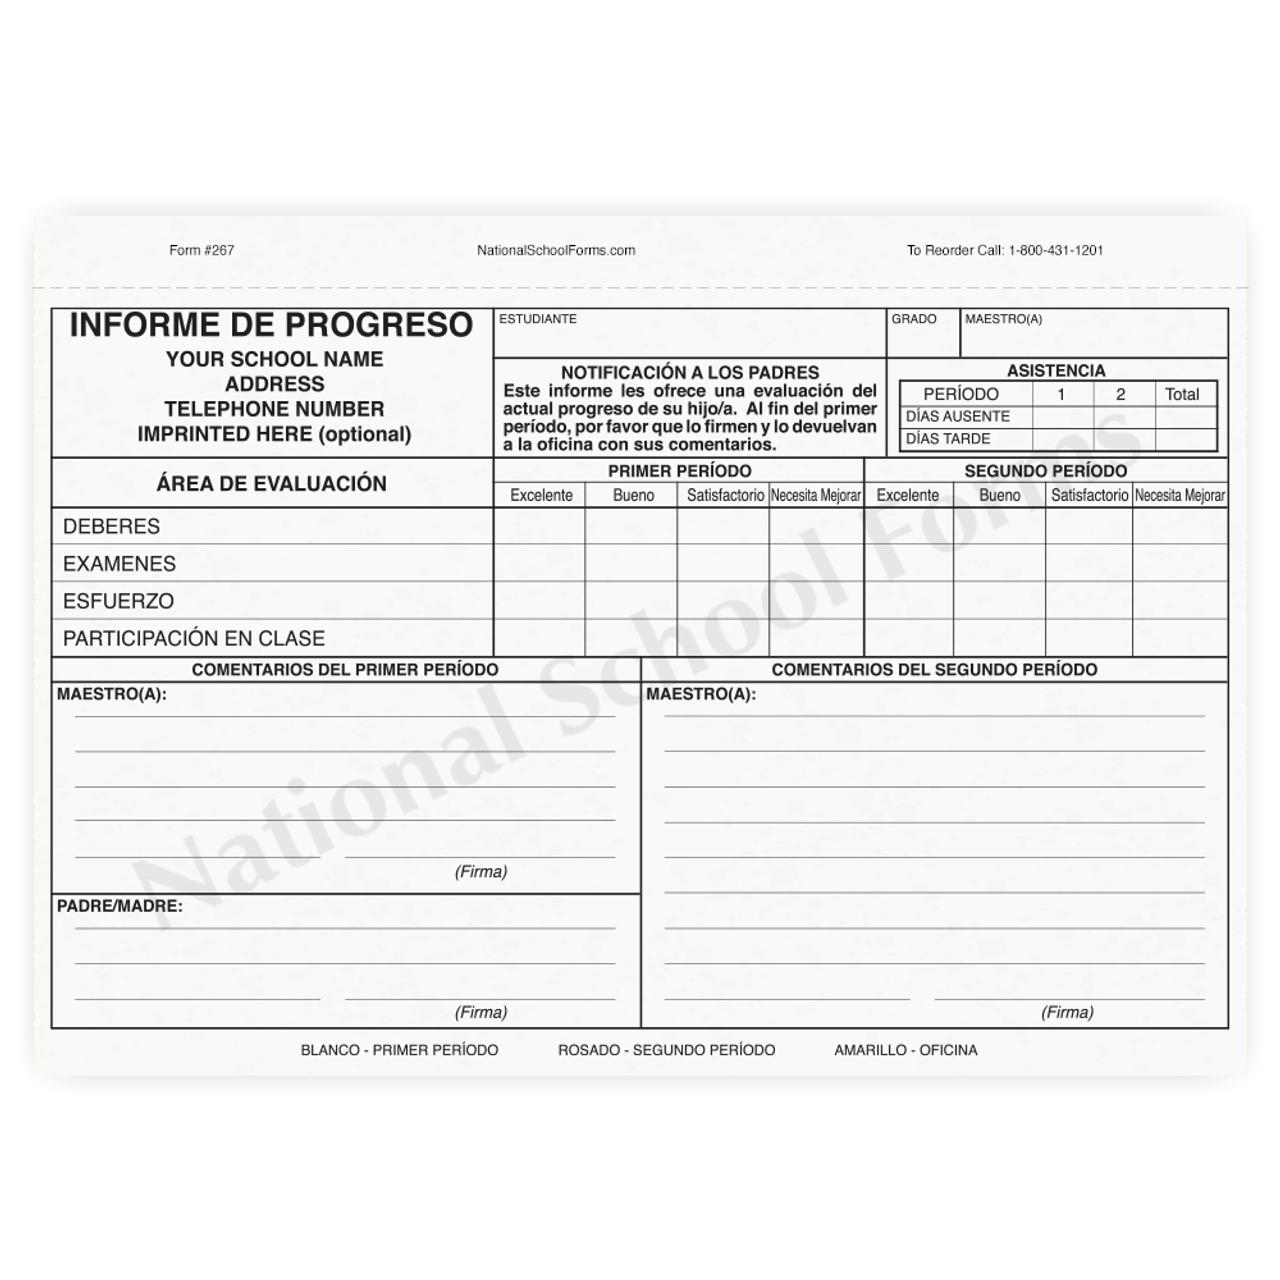 Informe de Progreso (267) con la escuela impronta